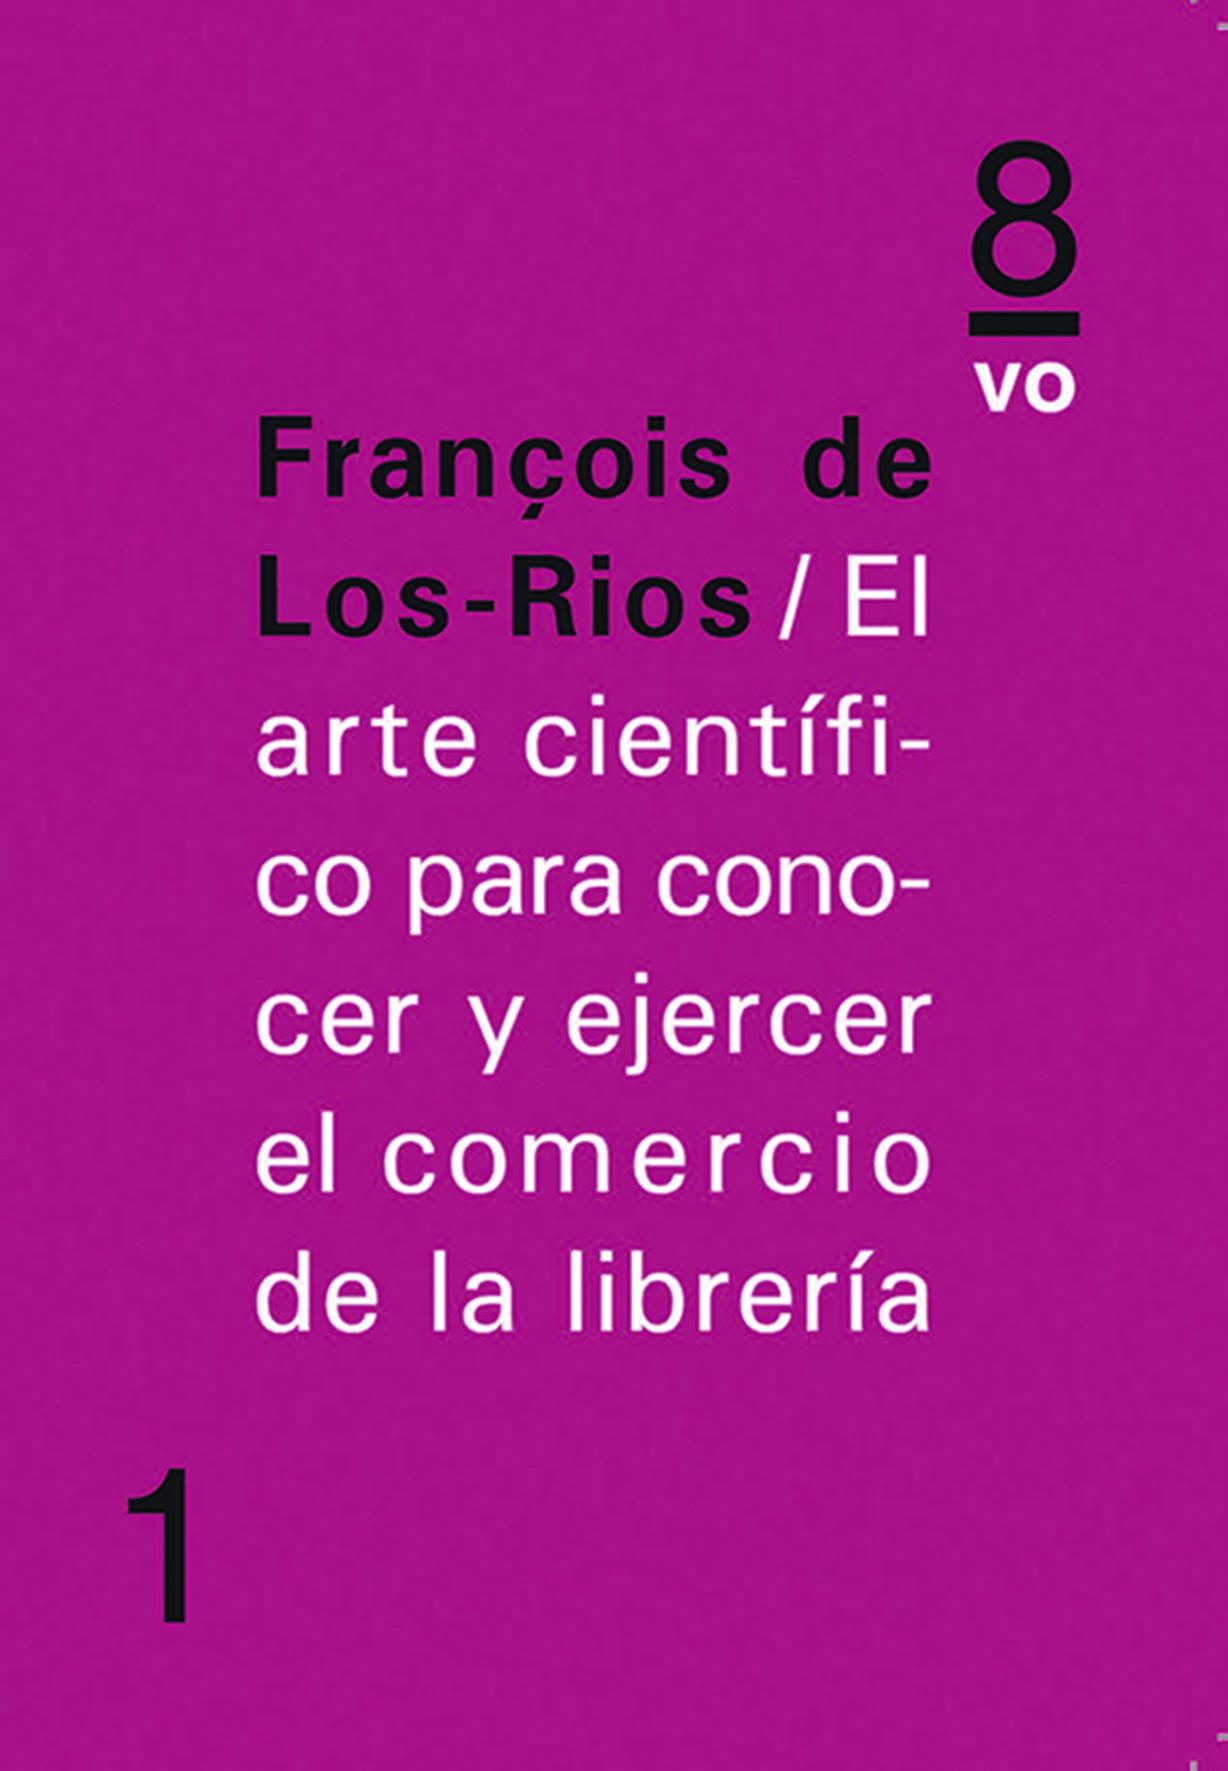 El arte científico para conocer y ejercer el comercio de la libreríaFrançois de Los-Rios